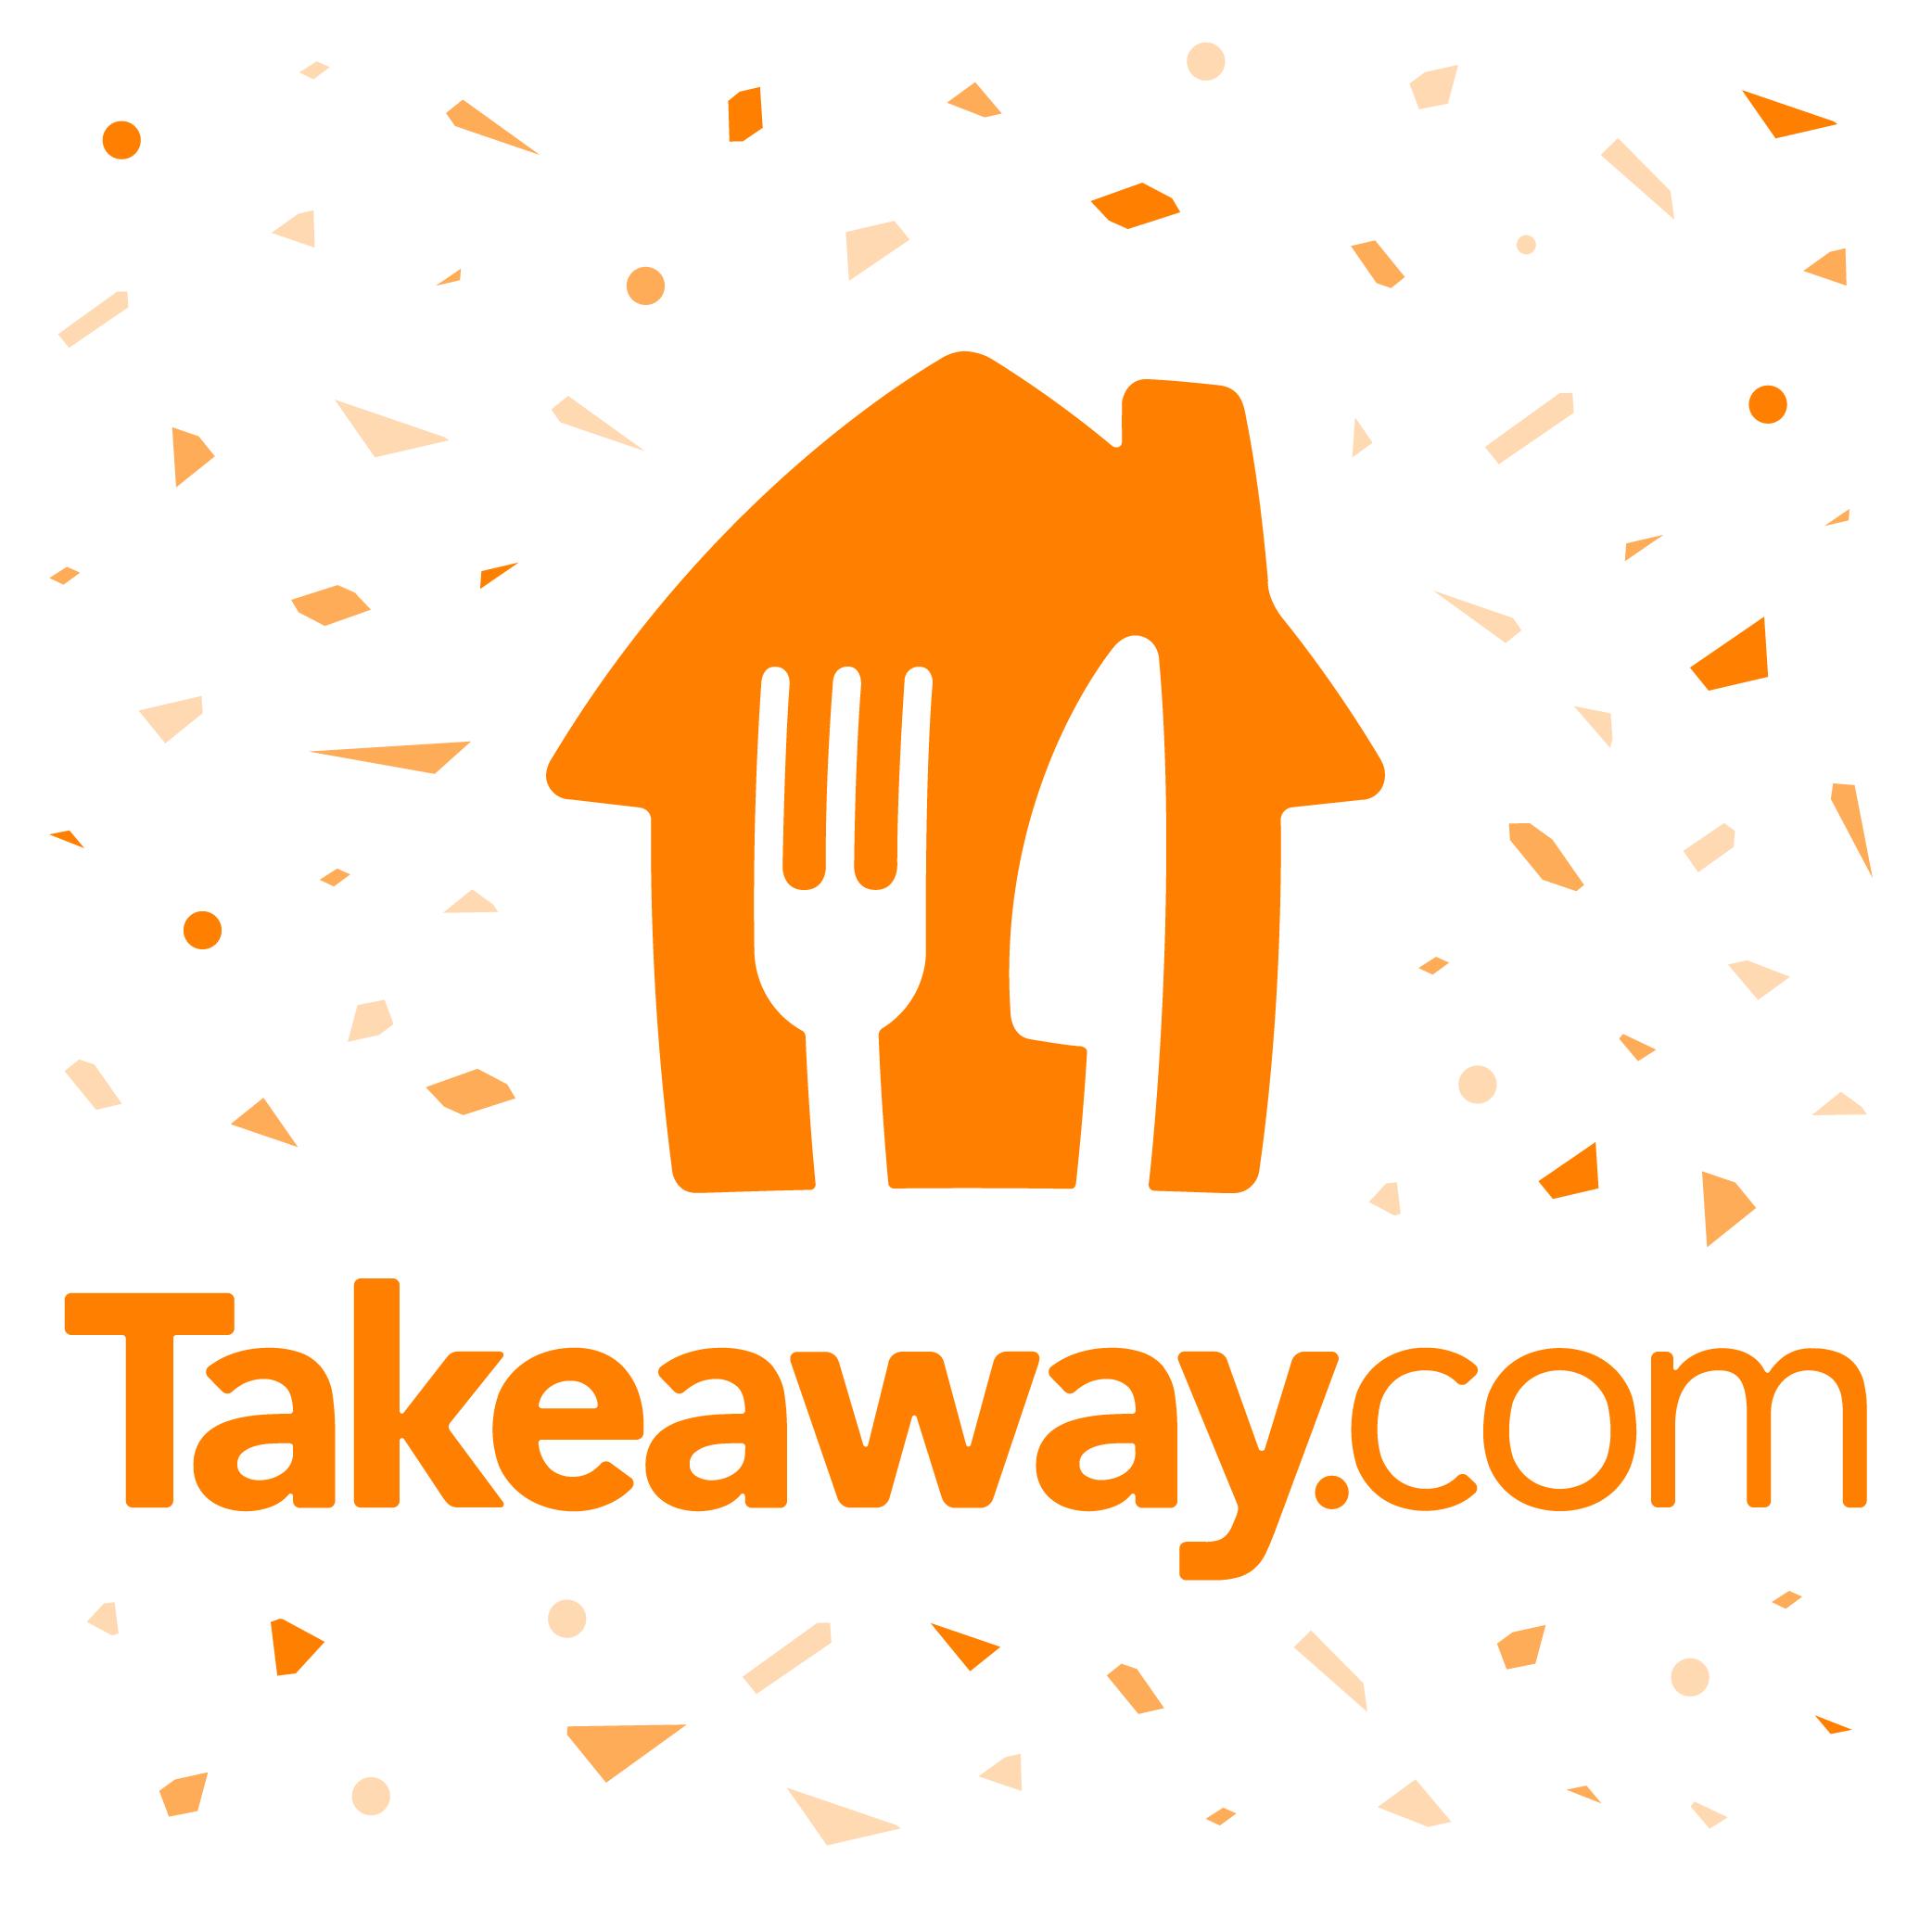 5 € de réduction sur Takeaway.com (1 par jour)